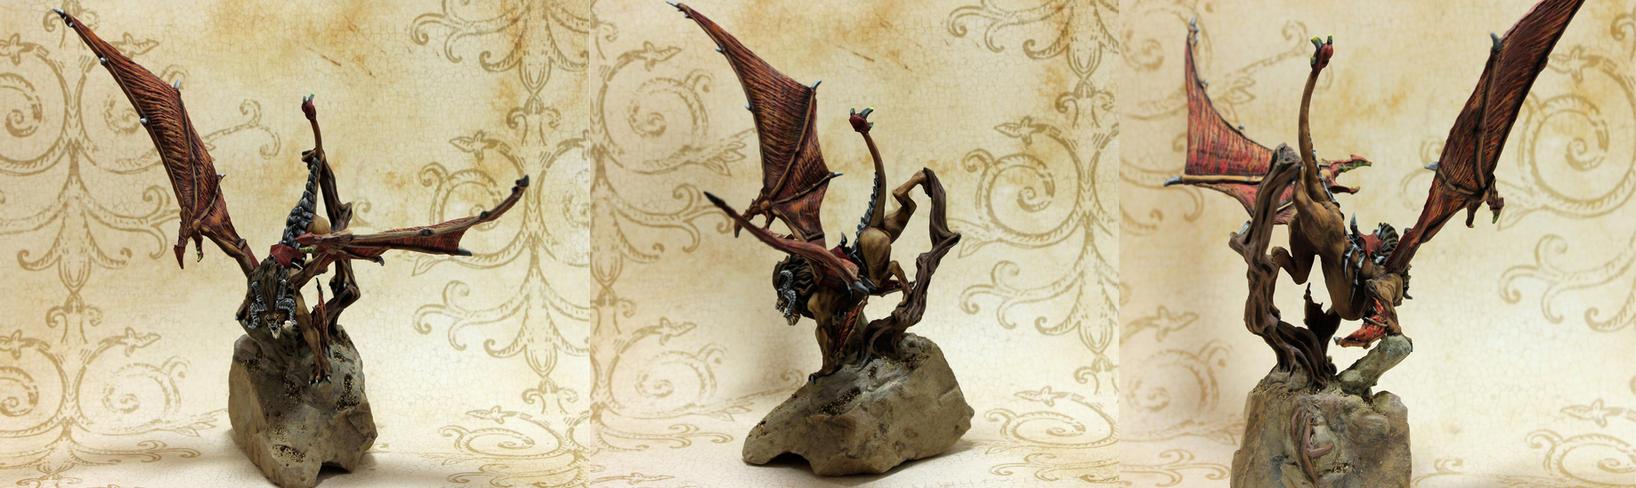 Manticore Details by MiniatureMistress